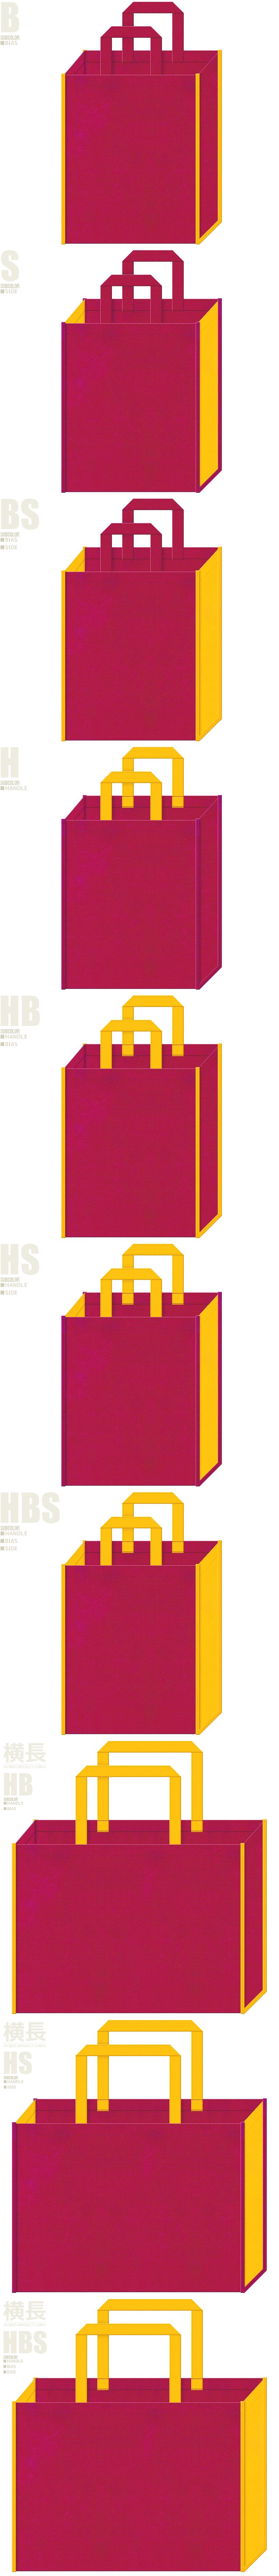 濃いピンク色と黄色、7パターンの不織布トートバッグ配色デザイン例。遊園地・テーマパークのバッグノベルティにお奨めです。